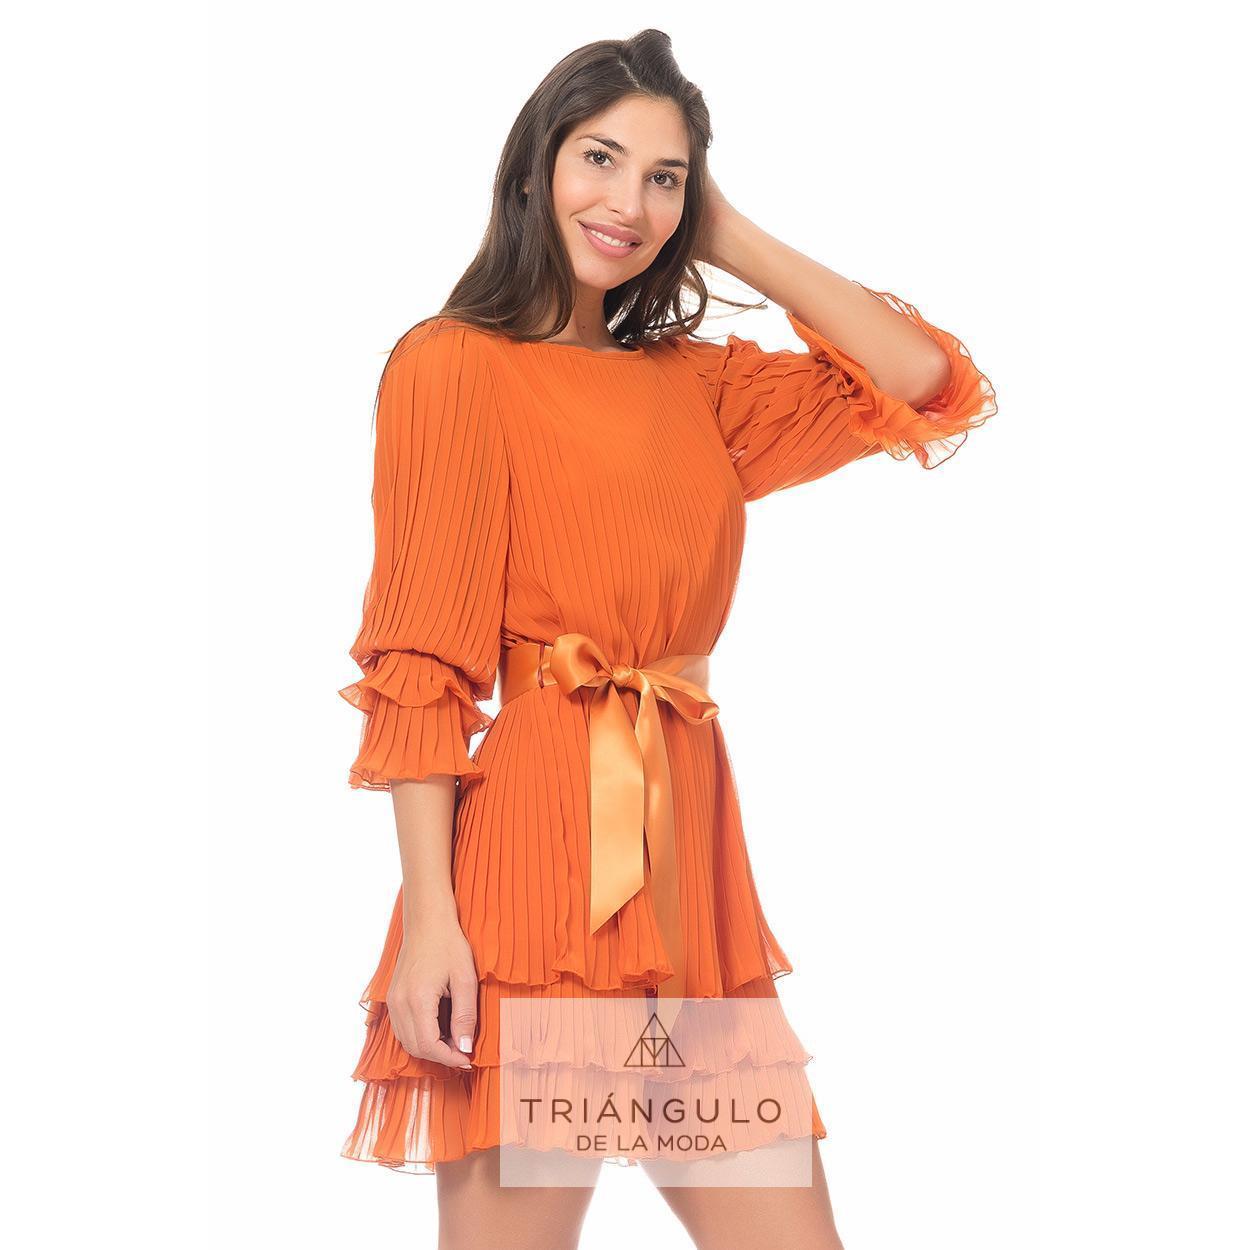 Tienda online del Triangulo de la Moda VESTIDO CORTO PLISADO